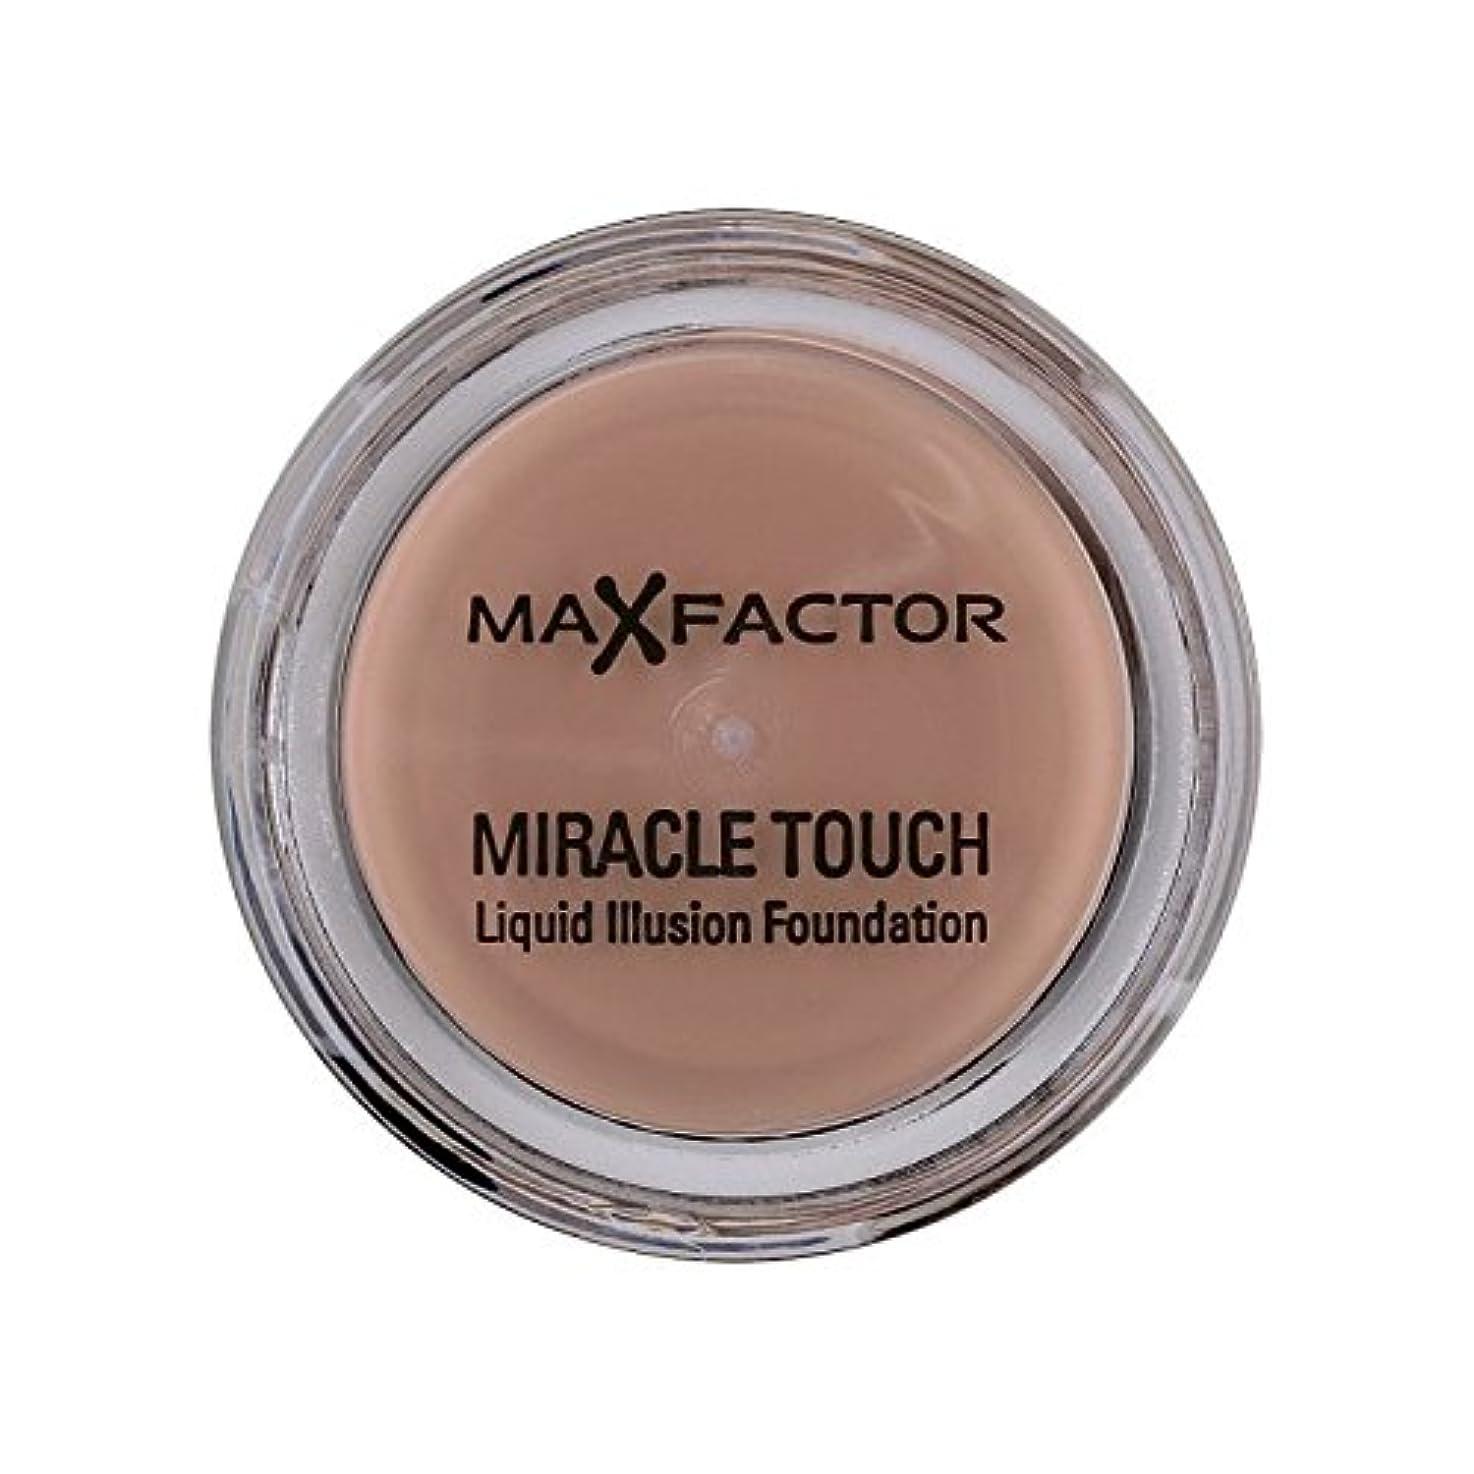 間接的タクシー摩擦Max Factor Miracle Touch Foundation Natural 70 - マックスファクターの奇跡のタッチ基盤の自然70 [並行輸入品]